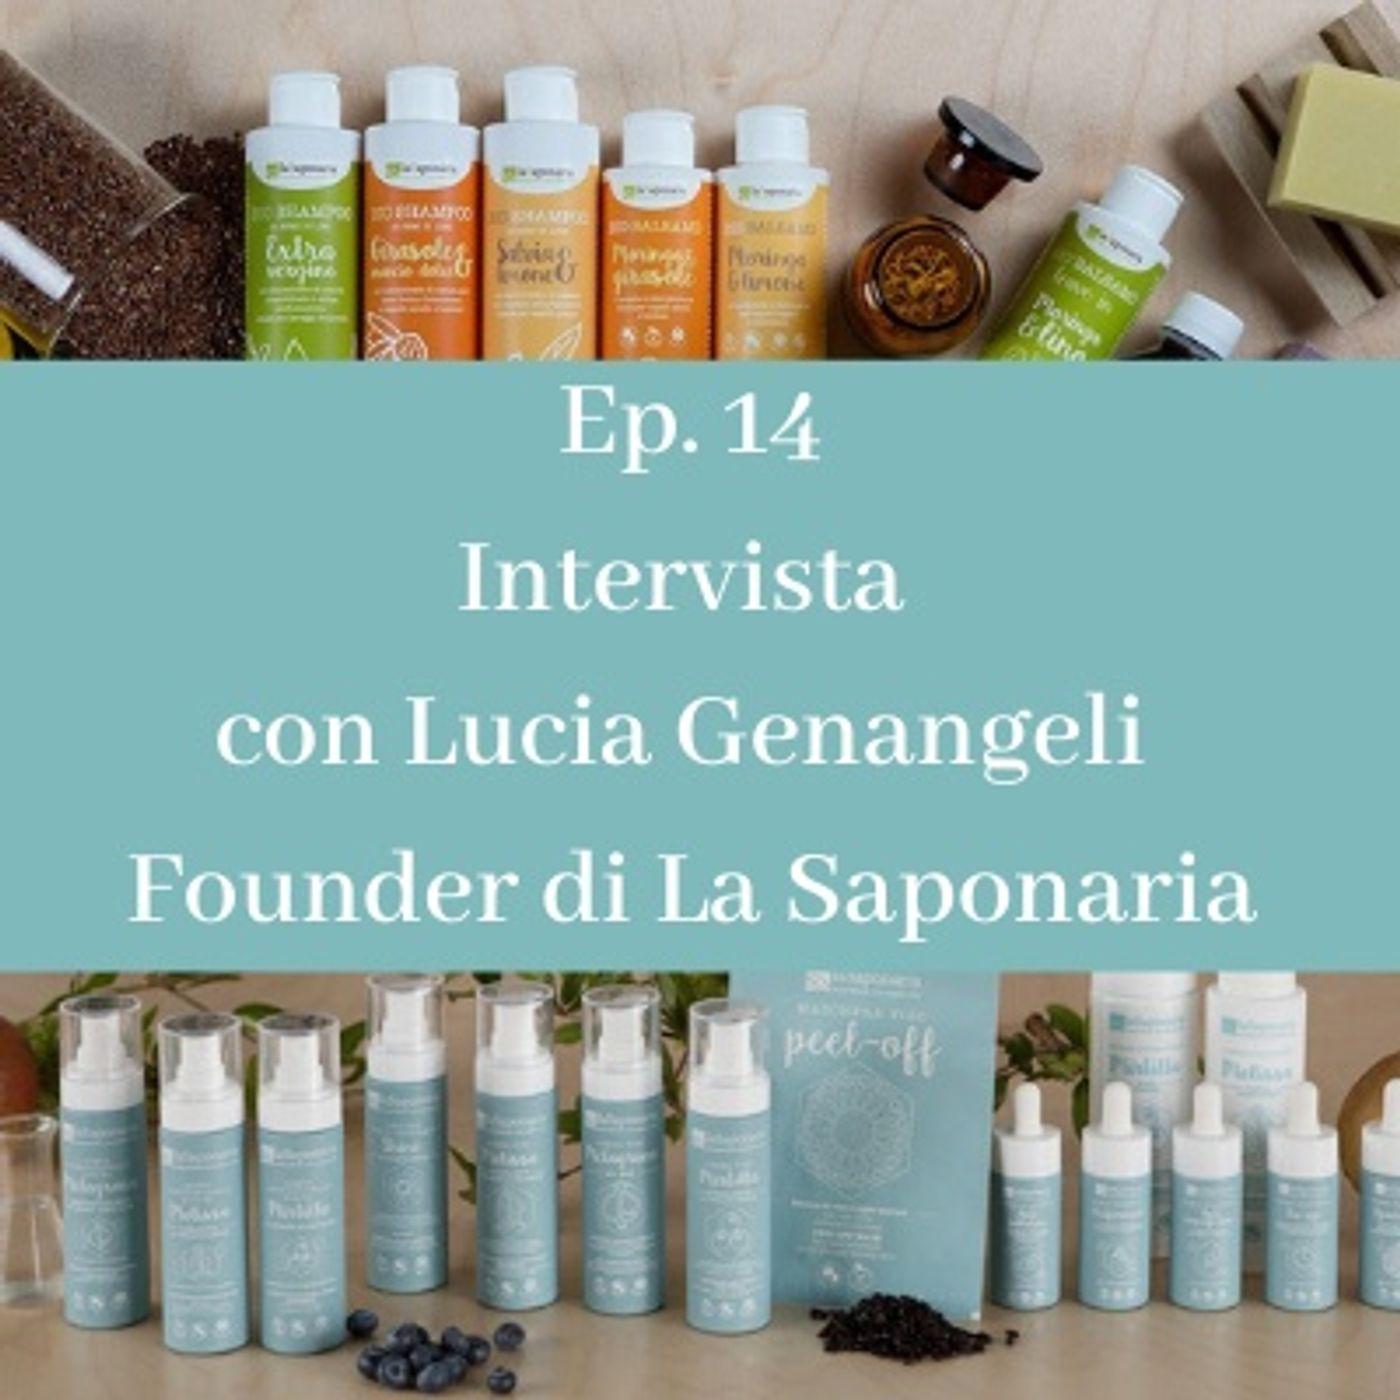 Ep. 14. Intervista con Lucia Genangeli che ci racconta la storia di La Saponaria